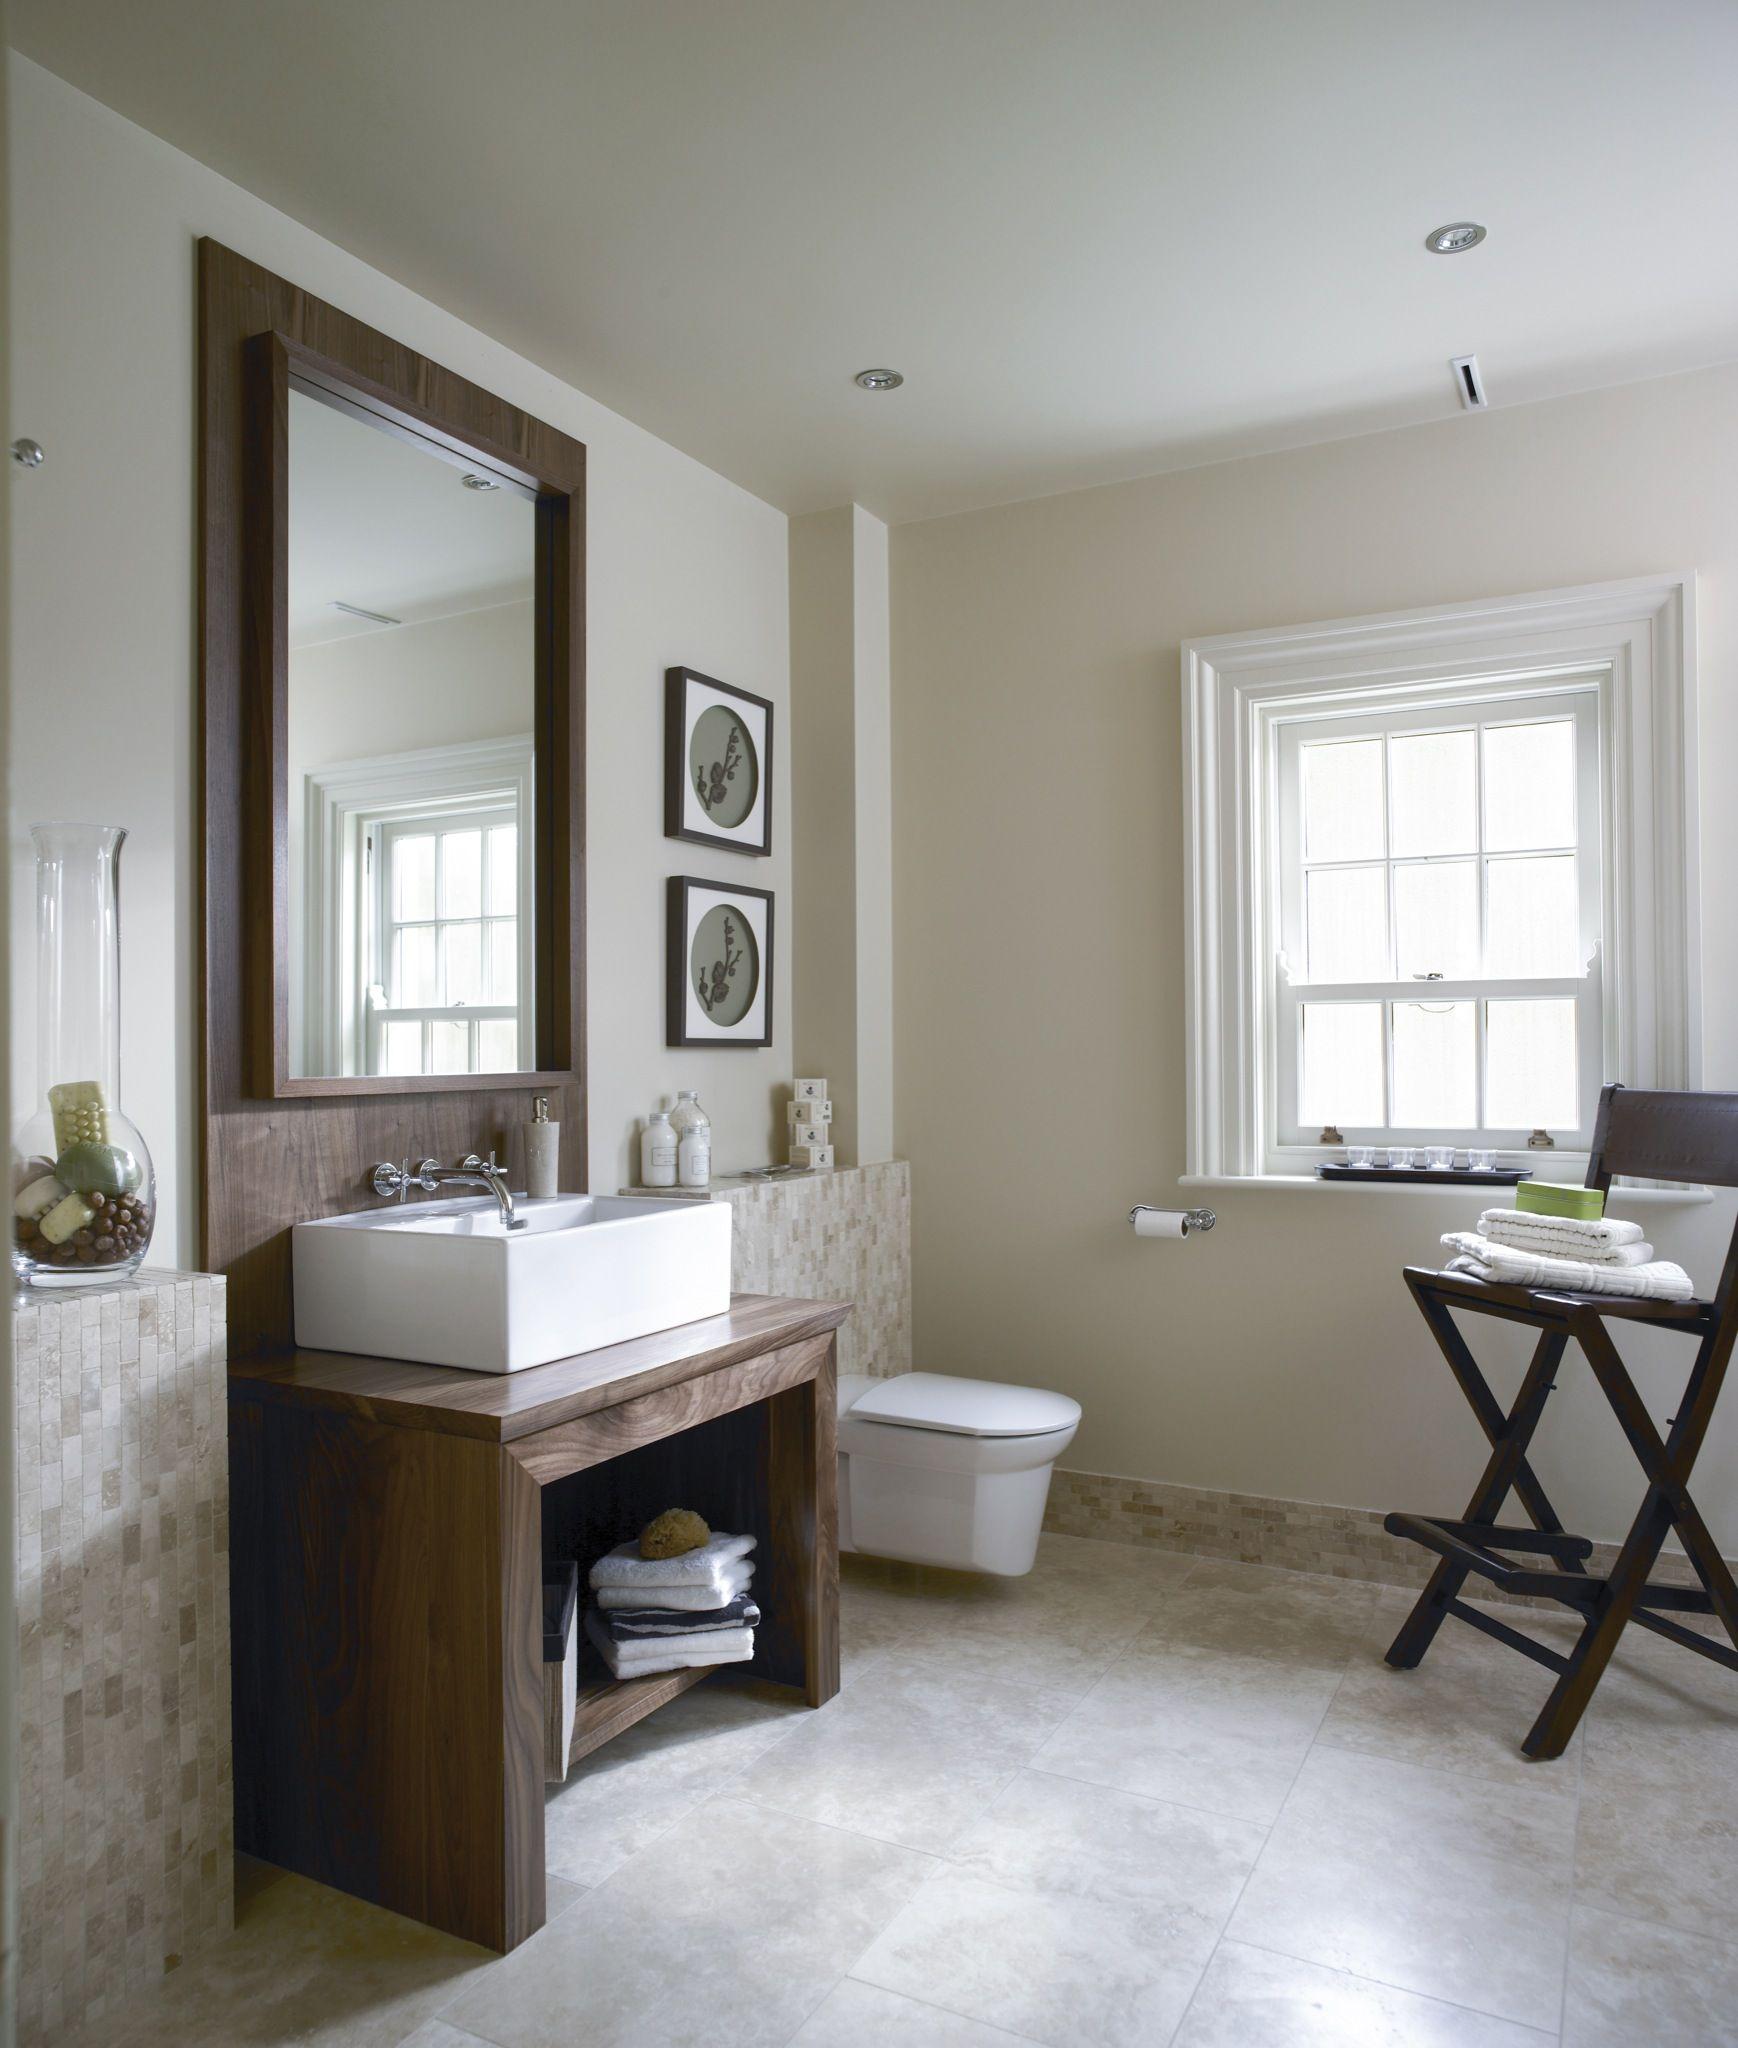 Country House Ireland Hayburn Co Bathroom Sink Vanity Units Master Bathroom Vanity Bathroom Interior Design